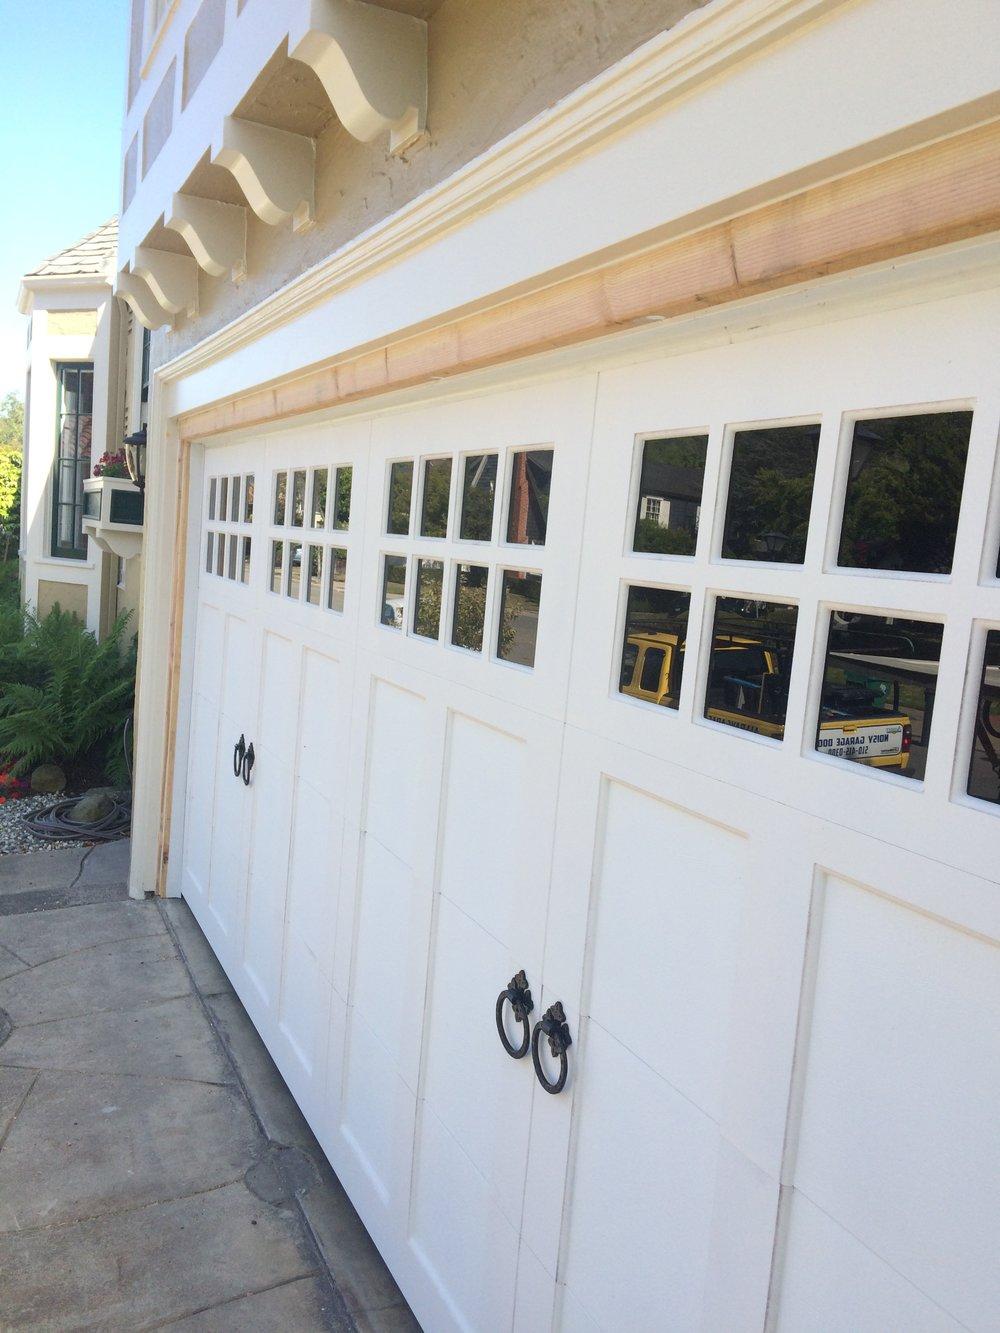 all bay garage doors - carriage house garage door - kevin chervatin - 17.jpg